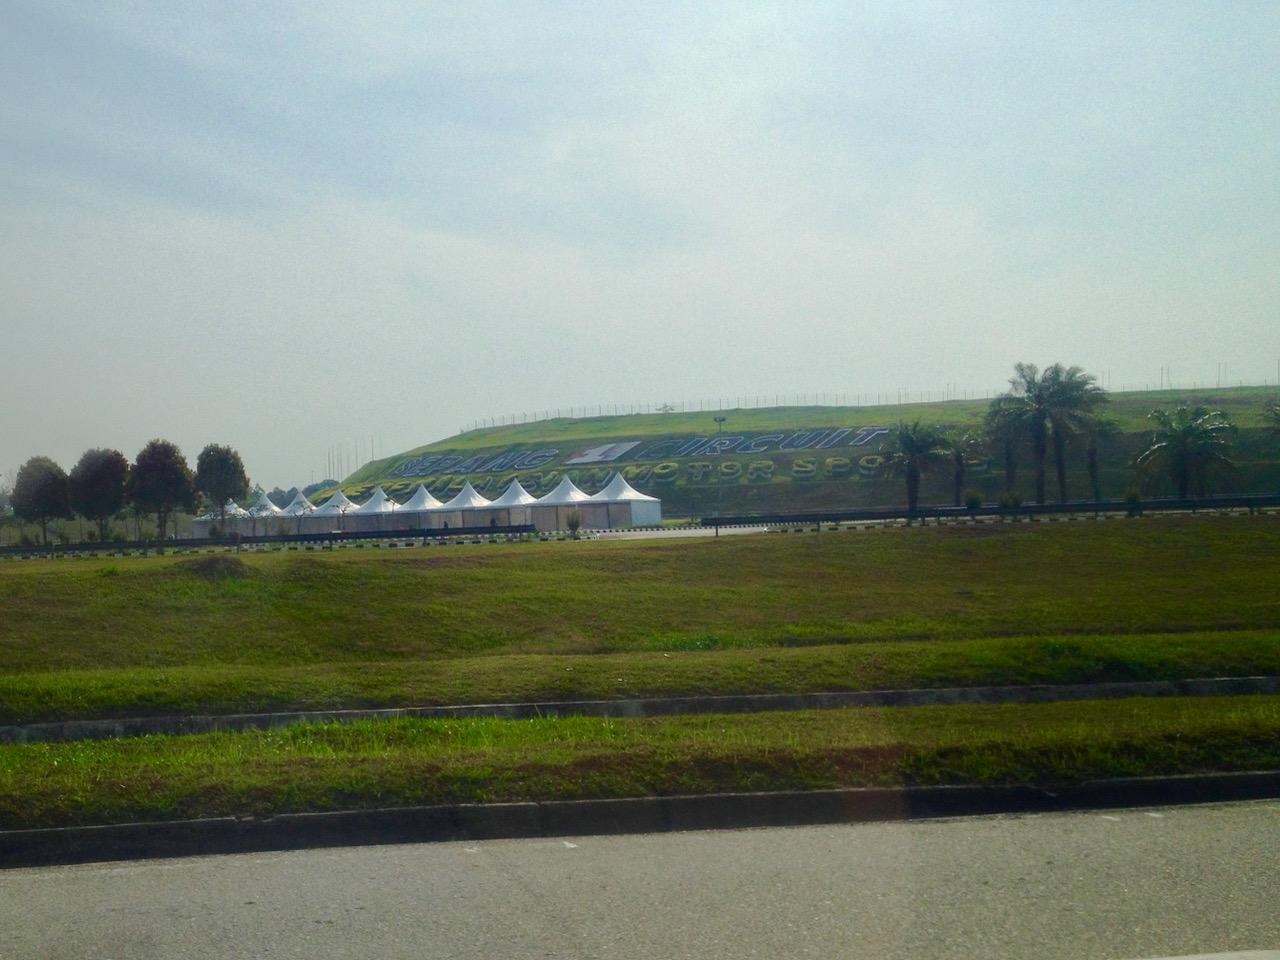 Kuala Lumpur Photos: Sepang International Circuit